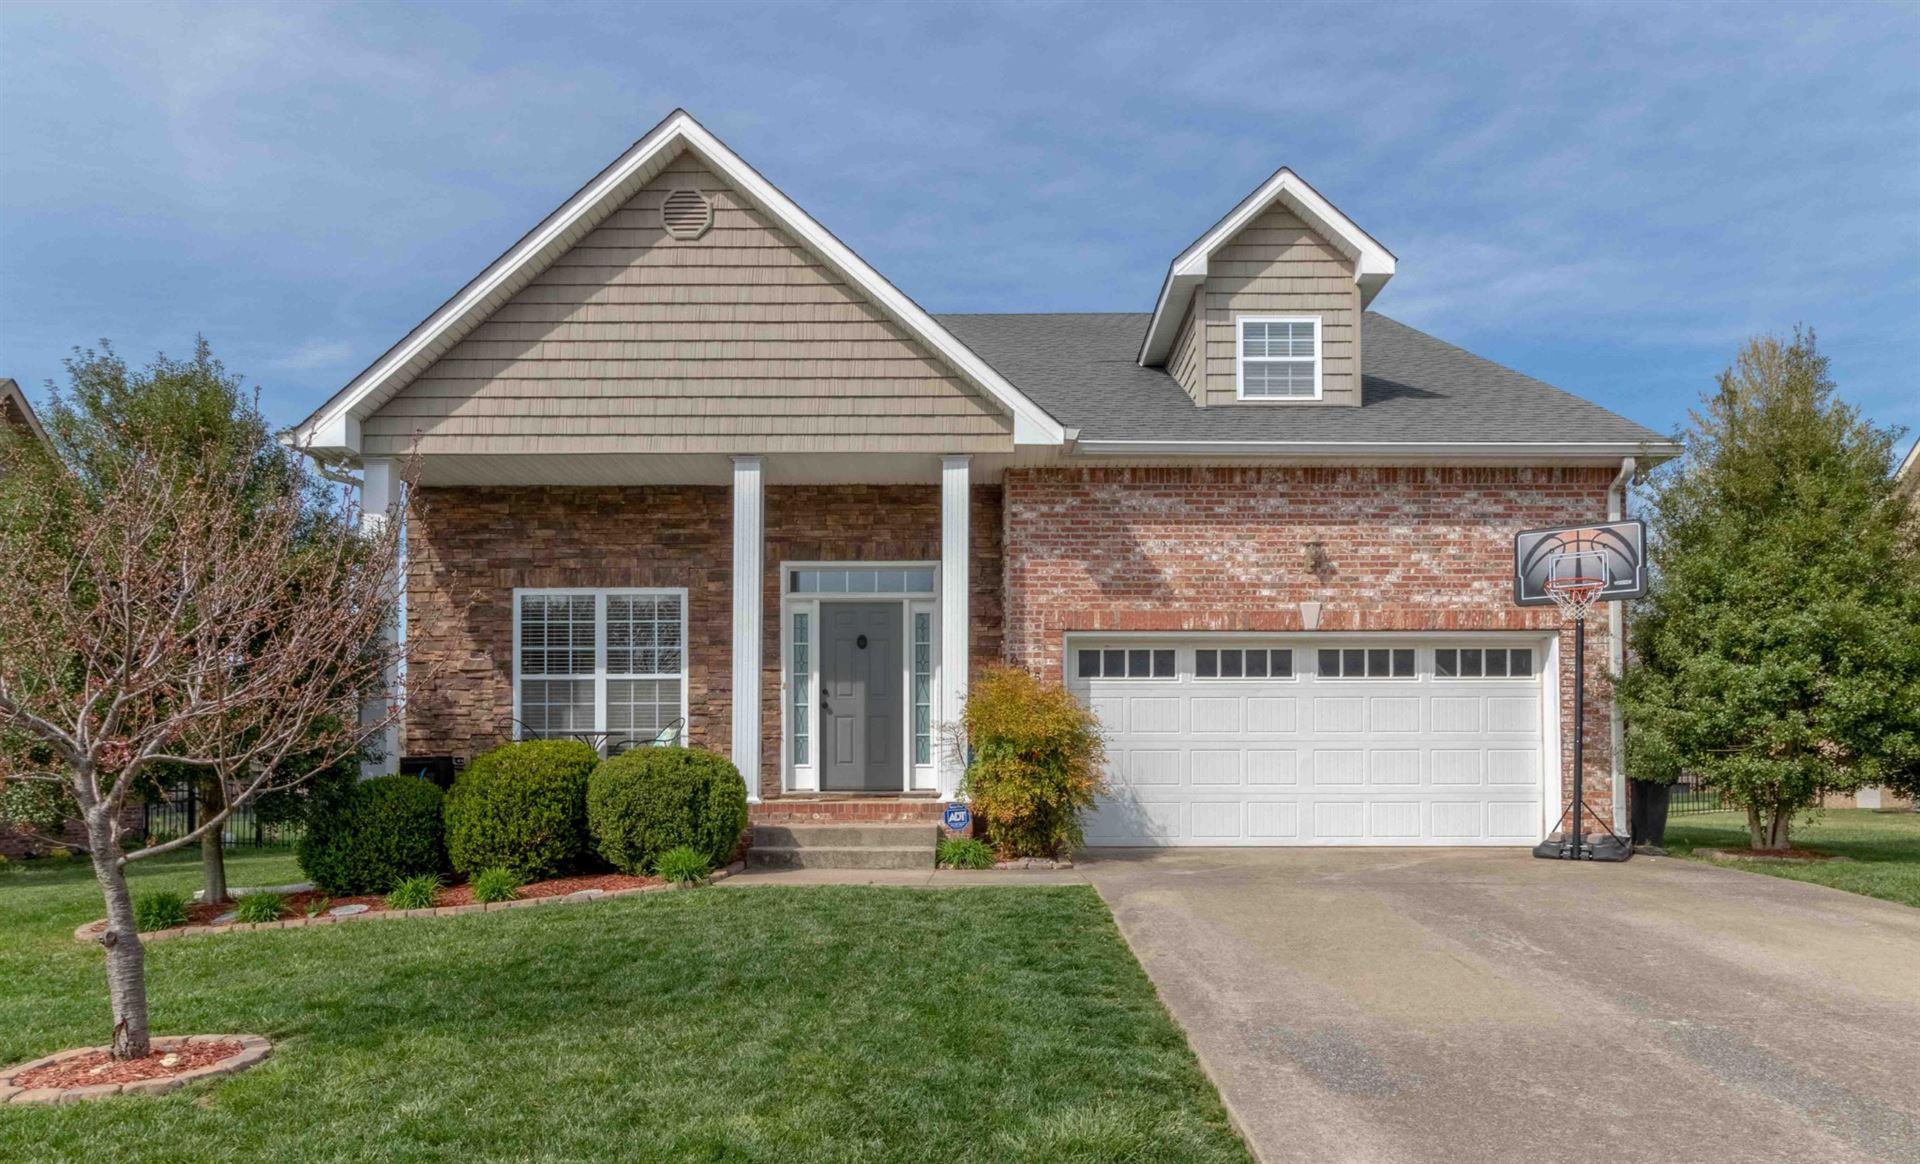 935 Willow Cir, Clarksville, TN 37043 - MLS#: 2240378